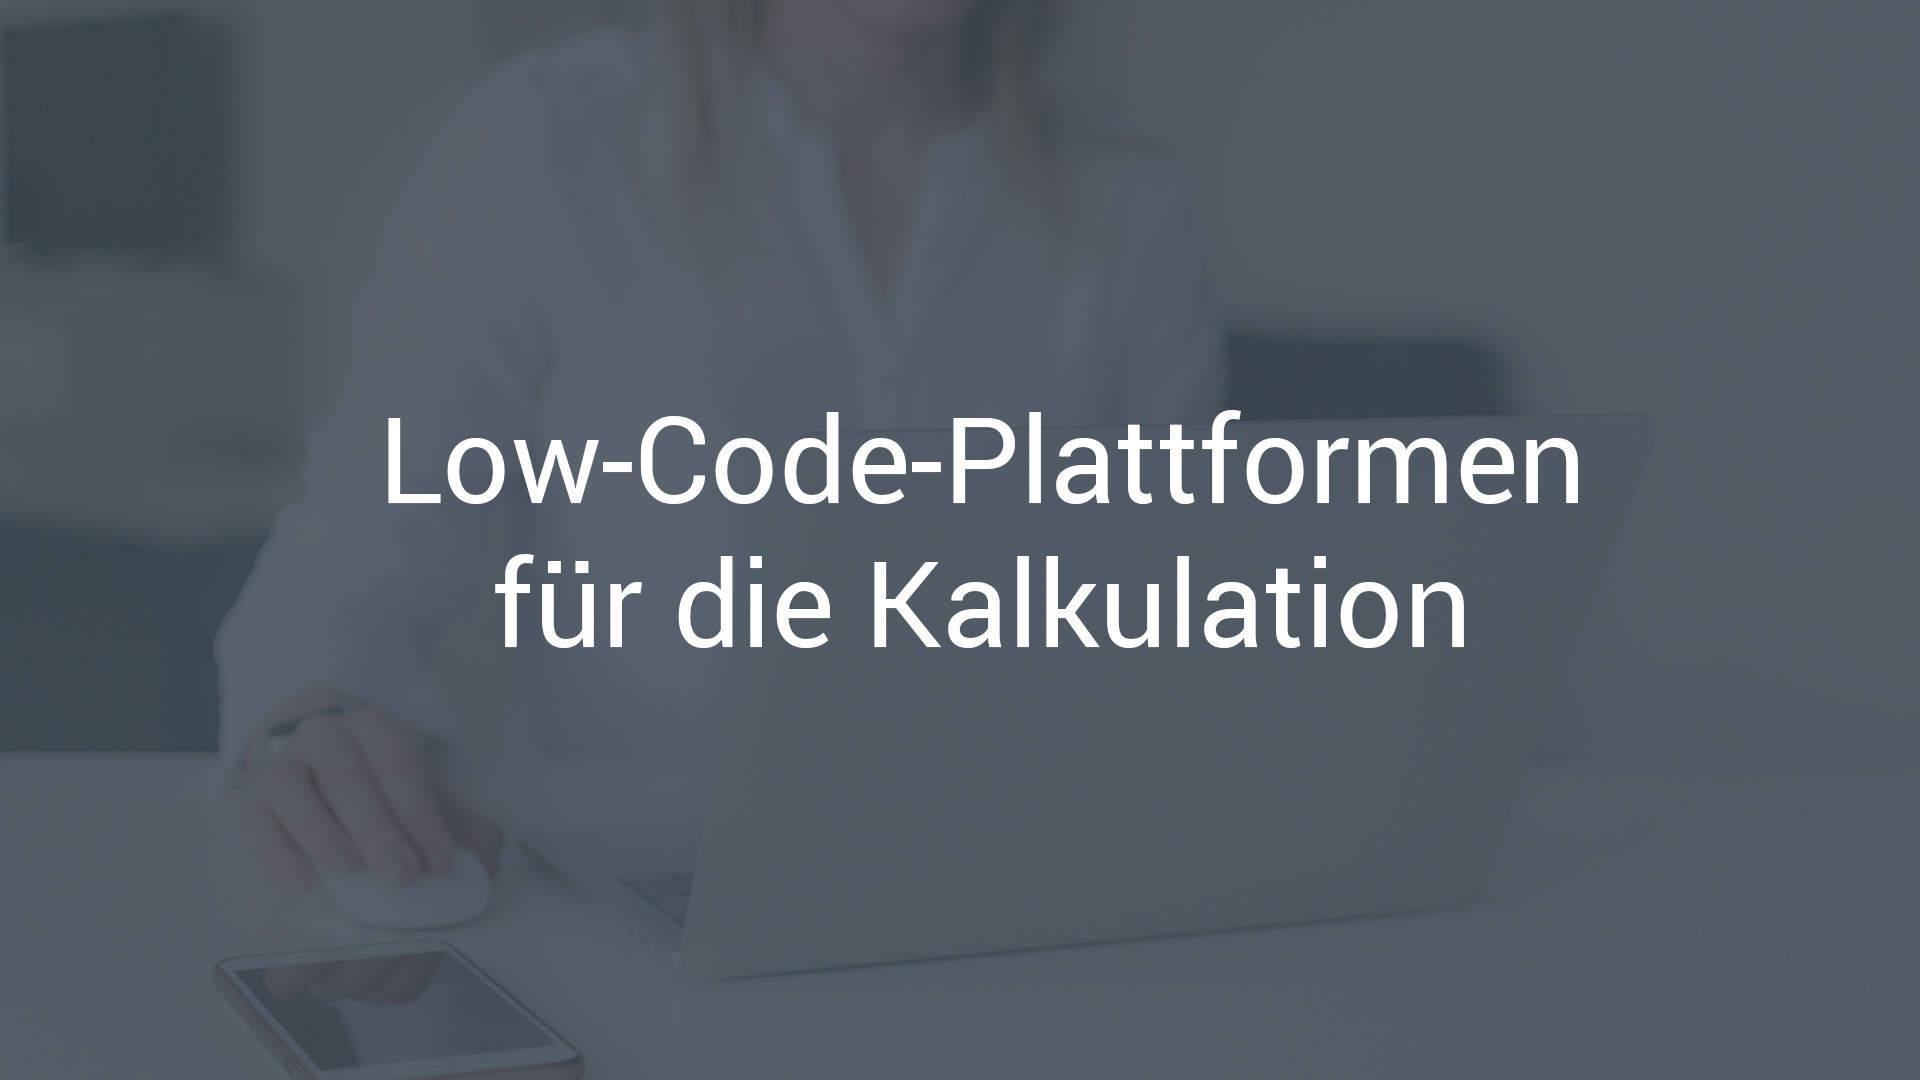 Low-Code-Plattformen erfüllen höchste Unternehmensanforderungen